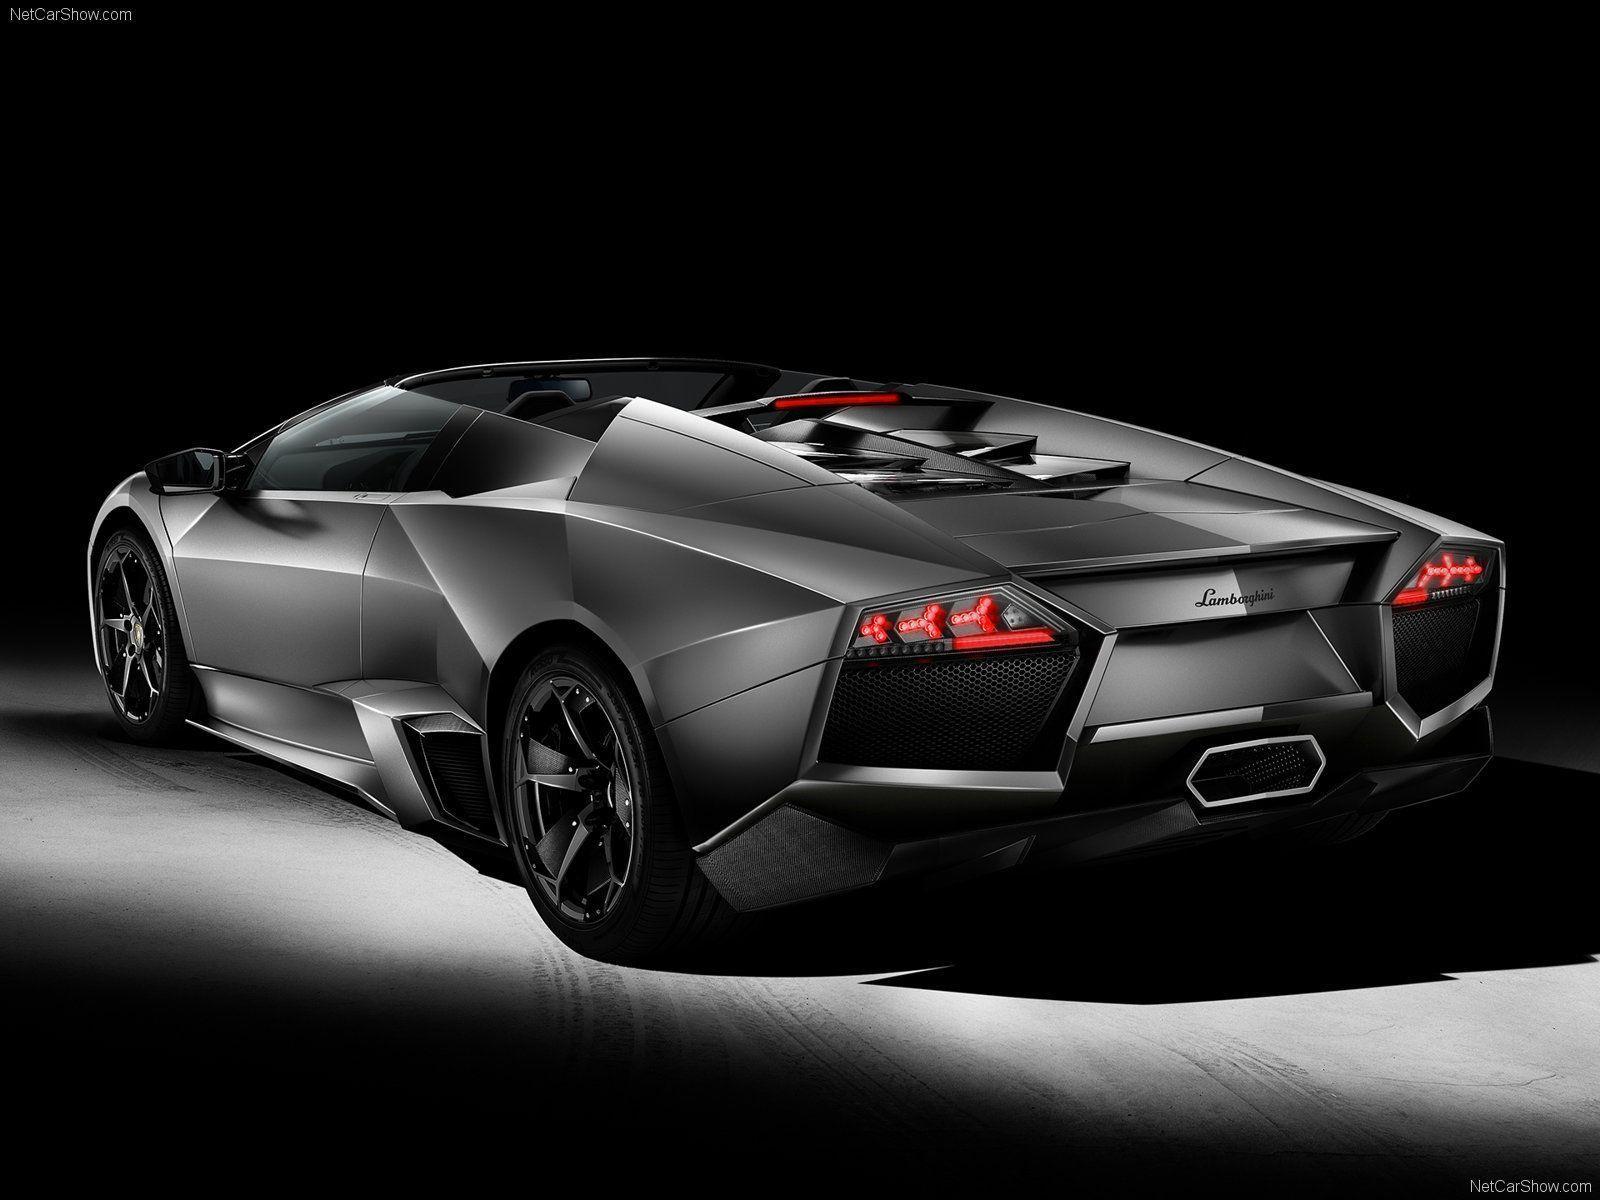 Lamborghini Reventon Wallpaper 4341 Hd Wallpapers in Cars ...